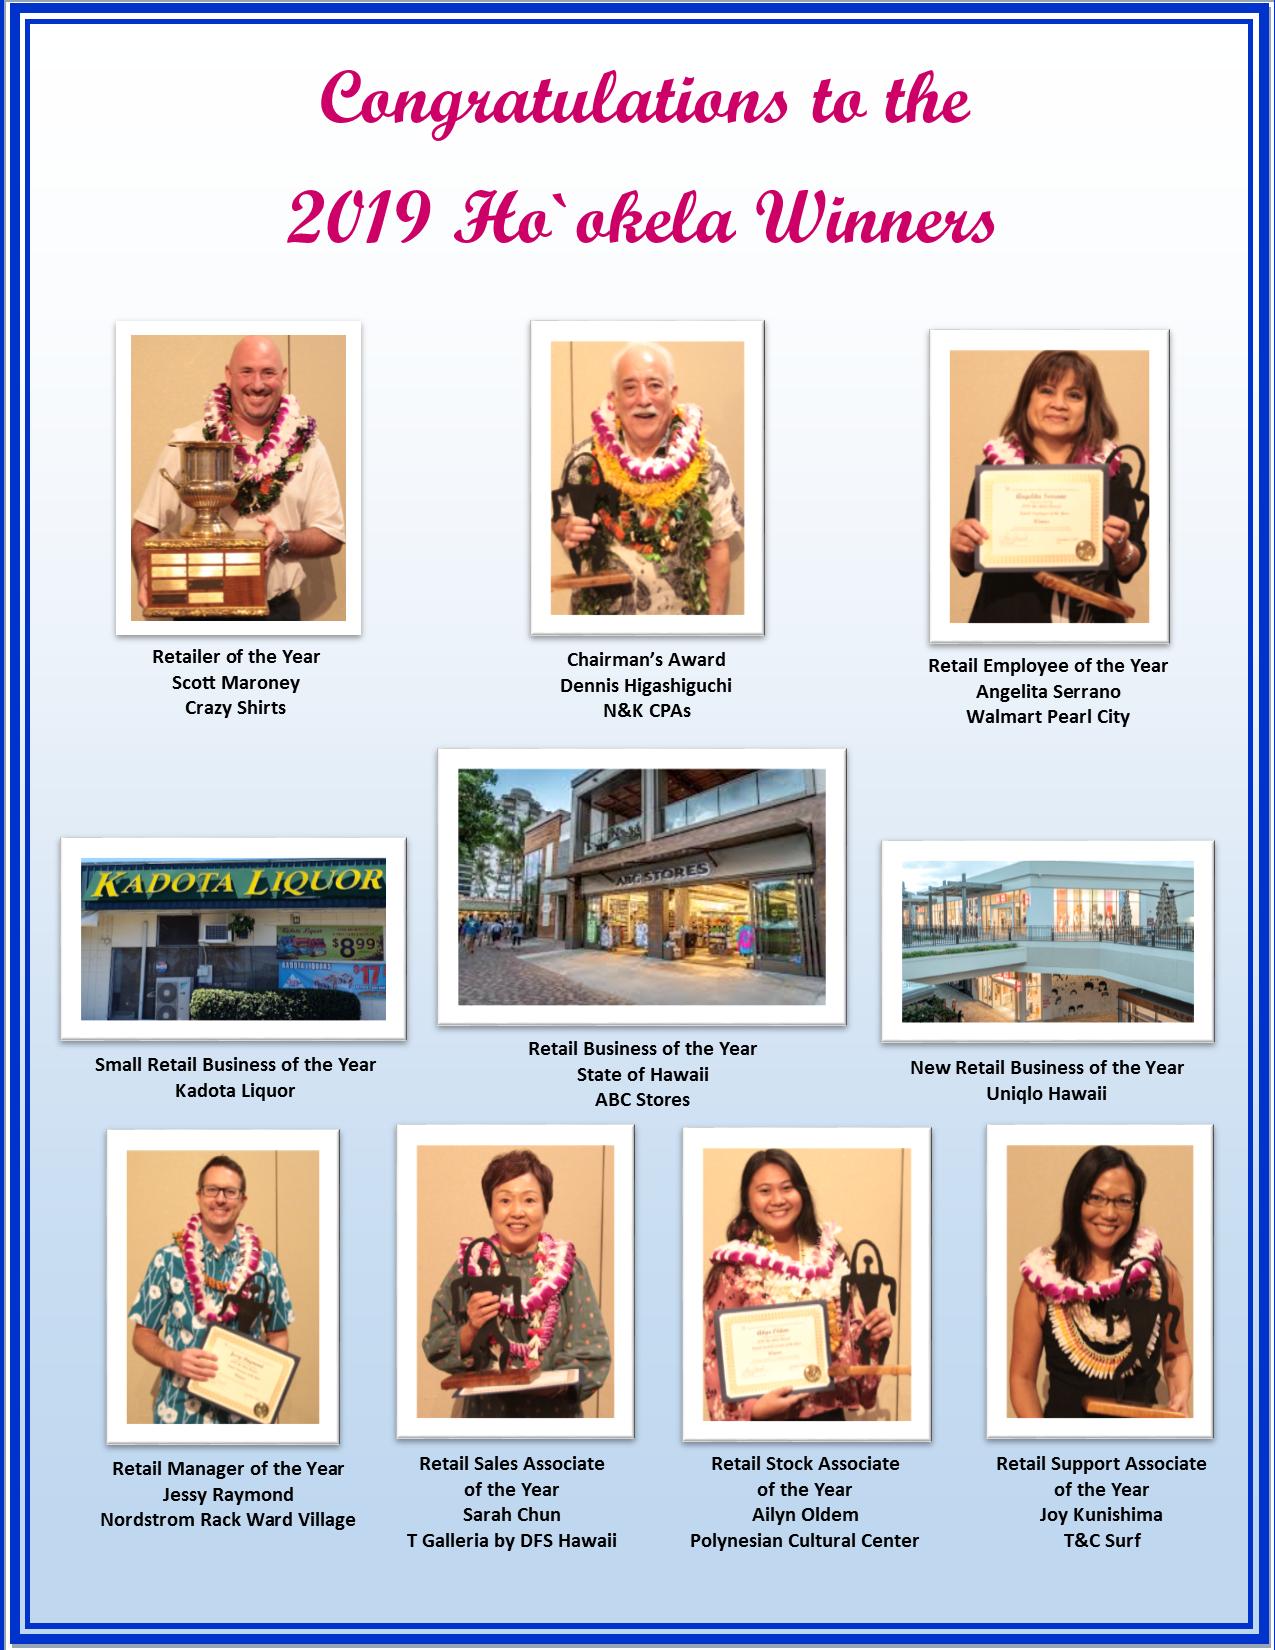 2019 Hookela Winners